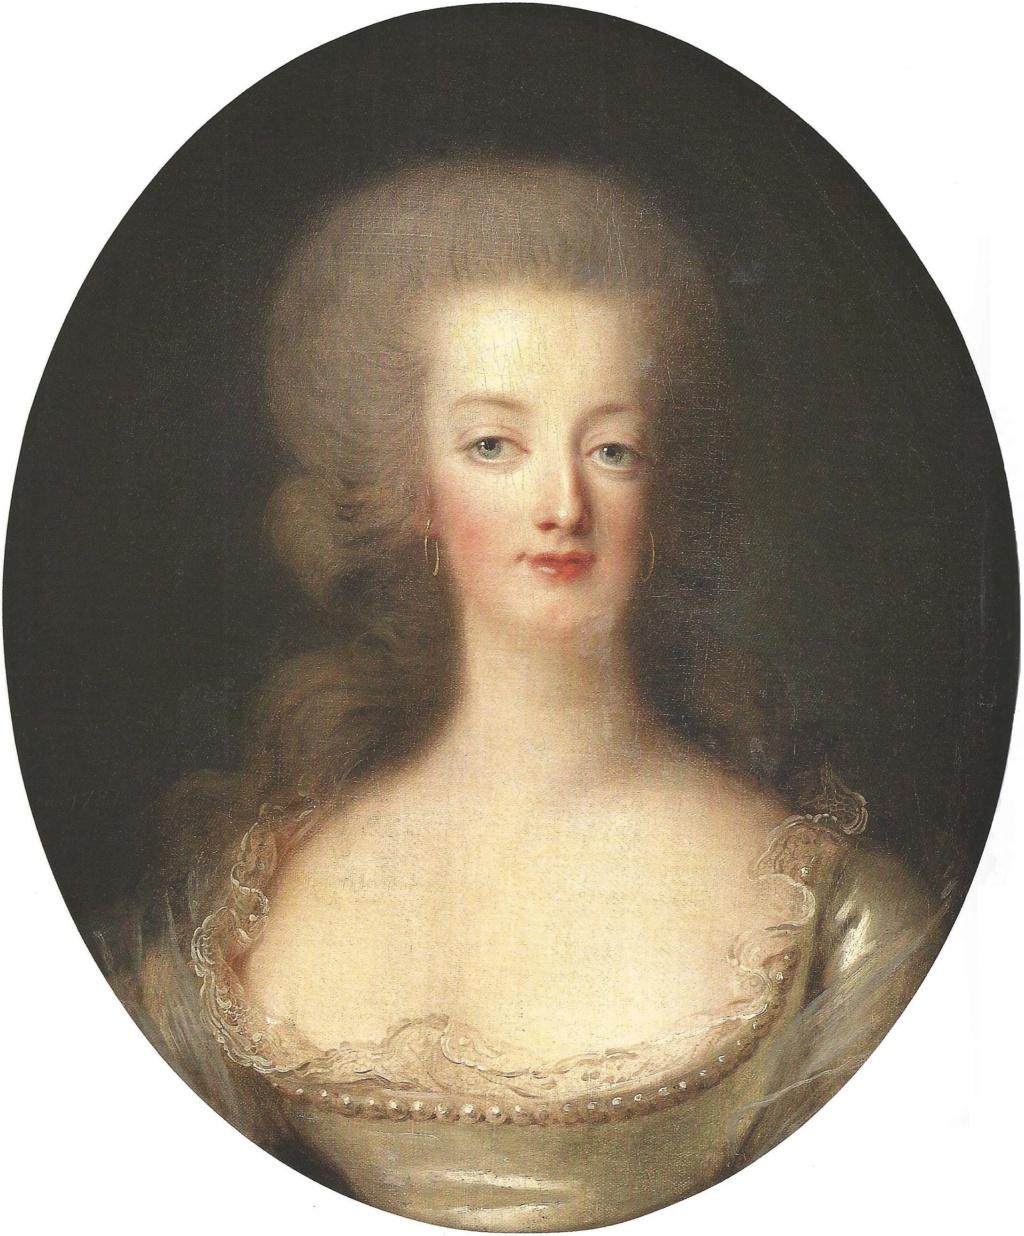 Enquête sur un tableau retrouvé de Marie-Antoinette attribué à Jean-Laurent Mosnier (vers 1776) - Page 3 322_sc10